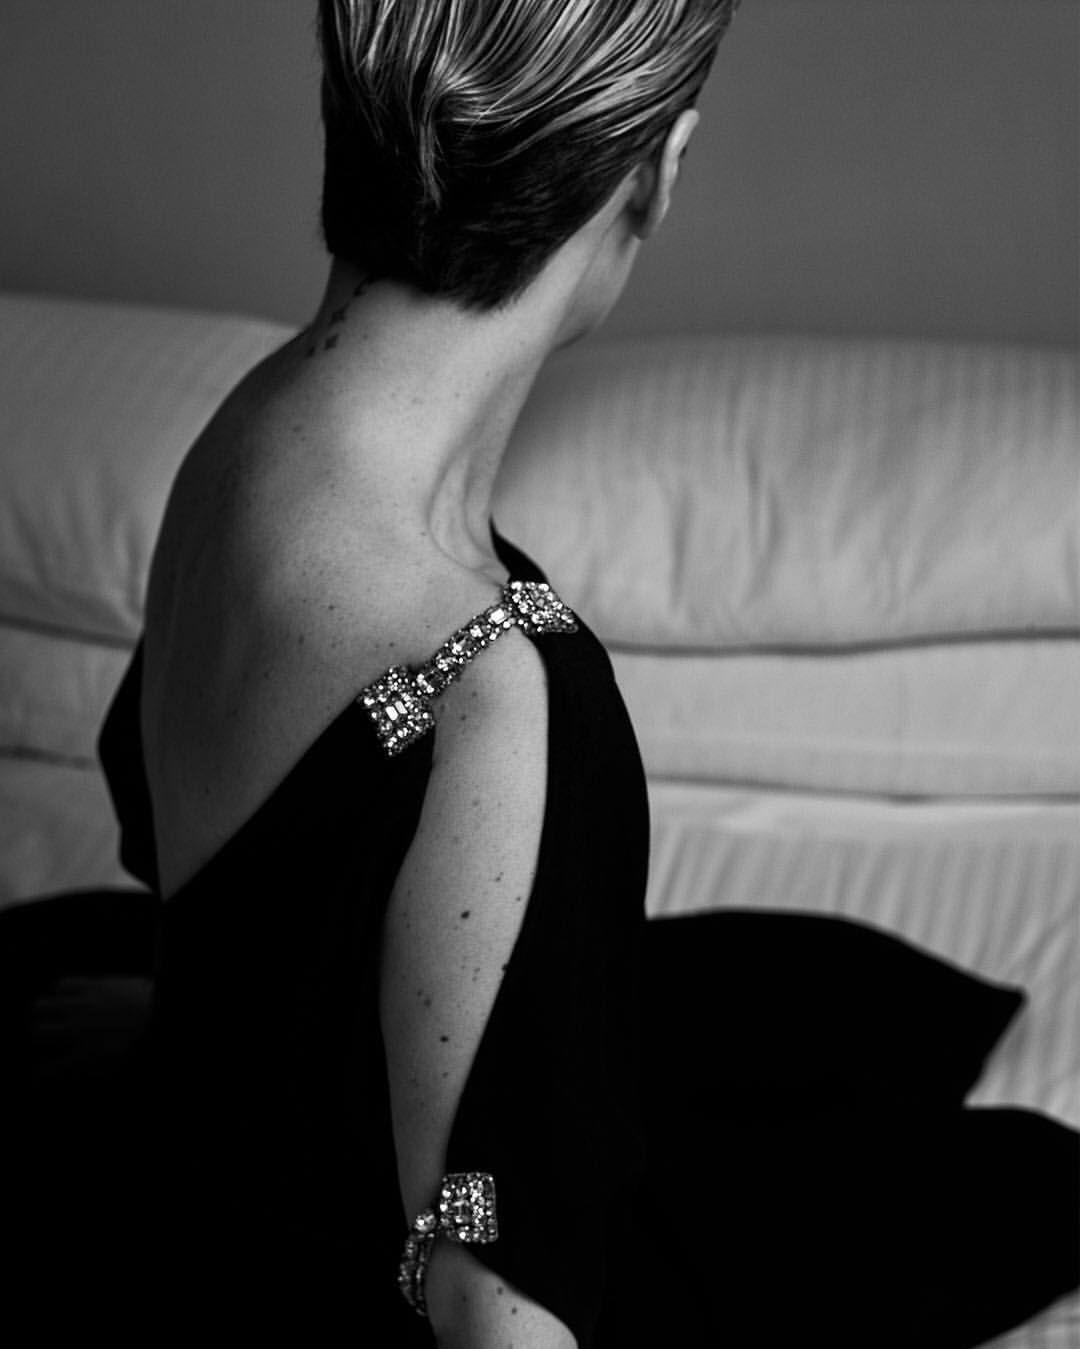 Elegance photo by @violetgrey